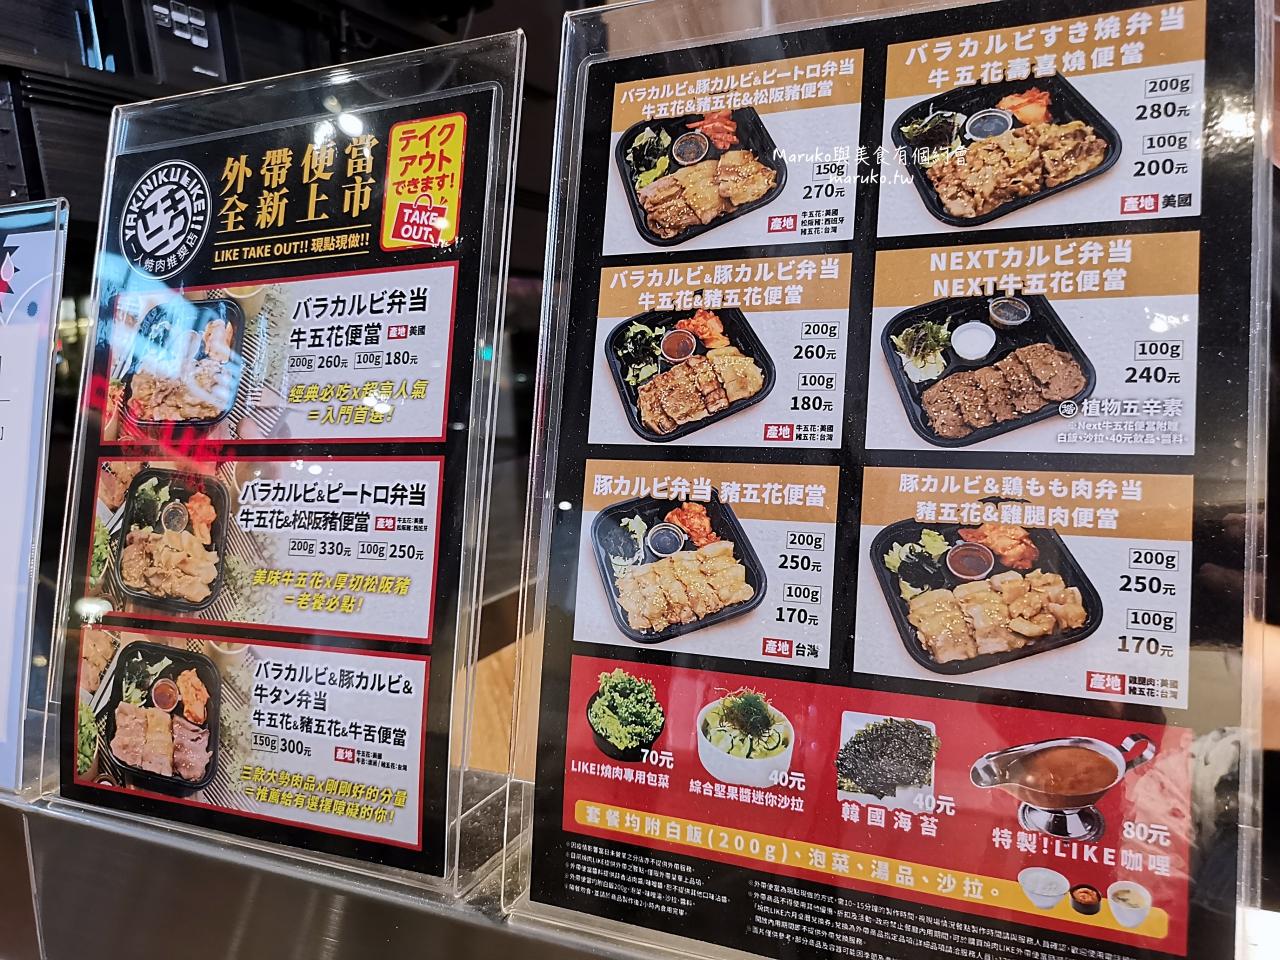 【台北】燒肉Like 一個人也可以吃的燒肉 含外帶便當 捷運台北車站美食推薦 @Maruko與美食有個約會